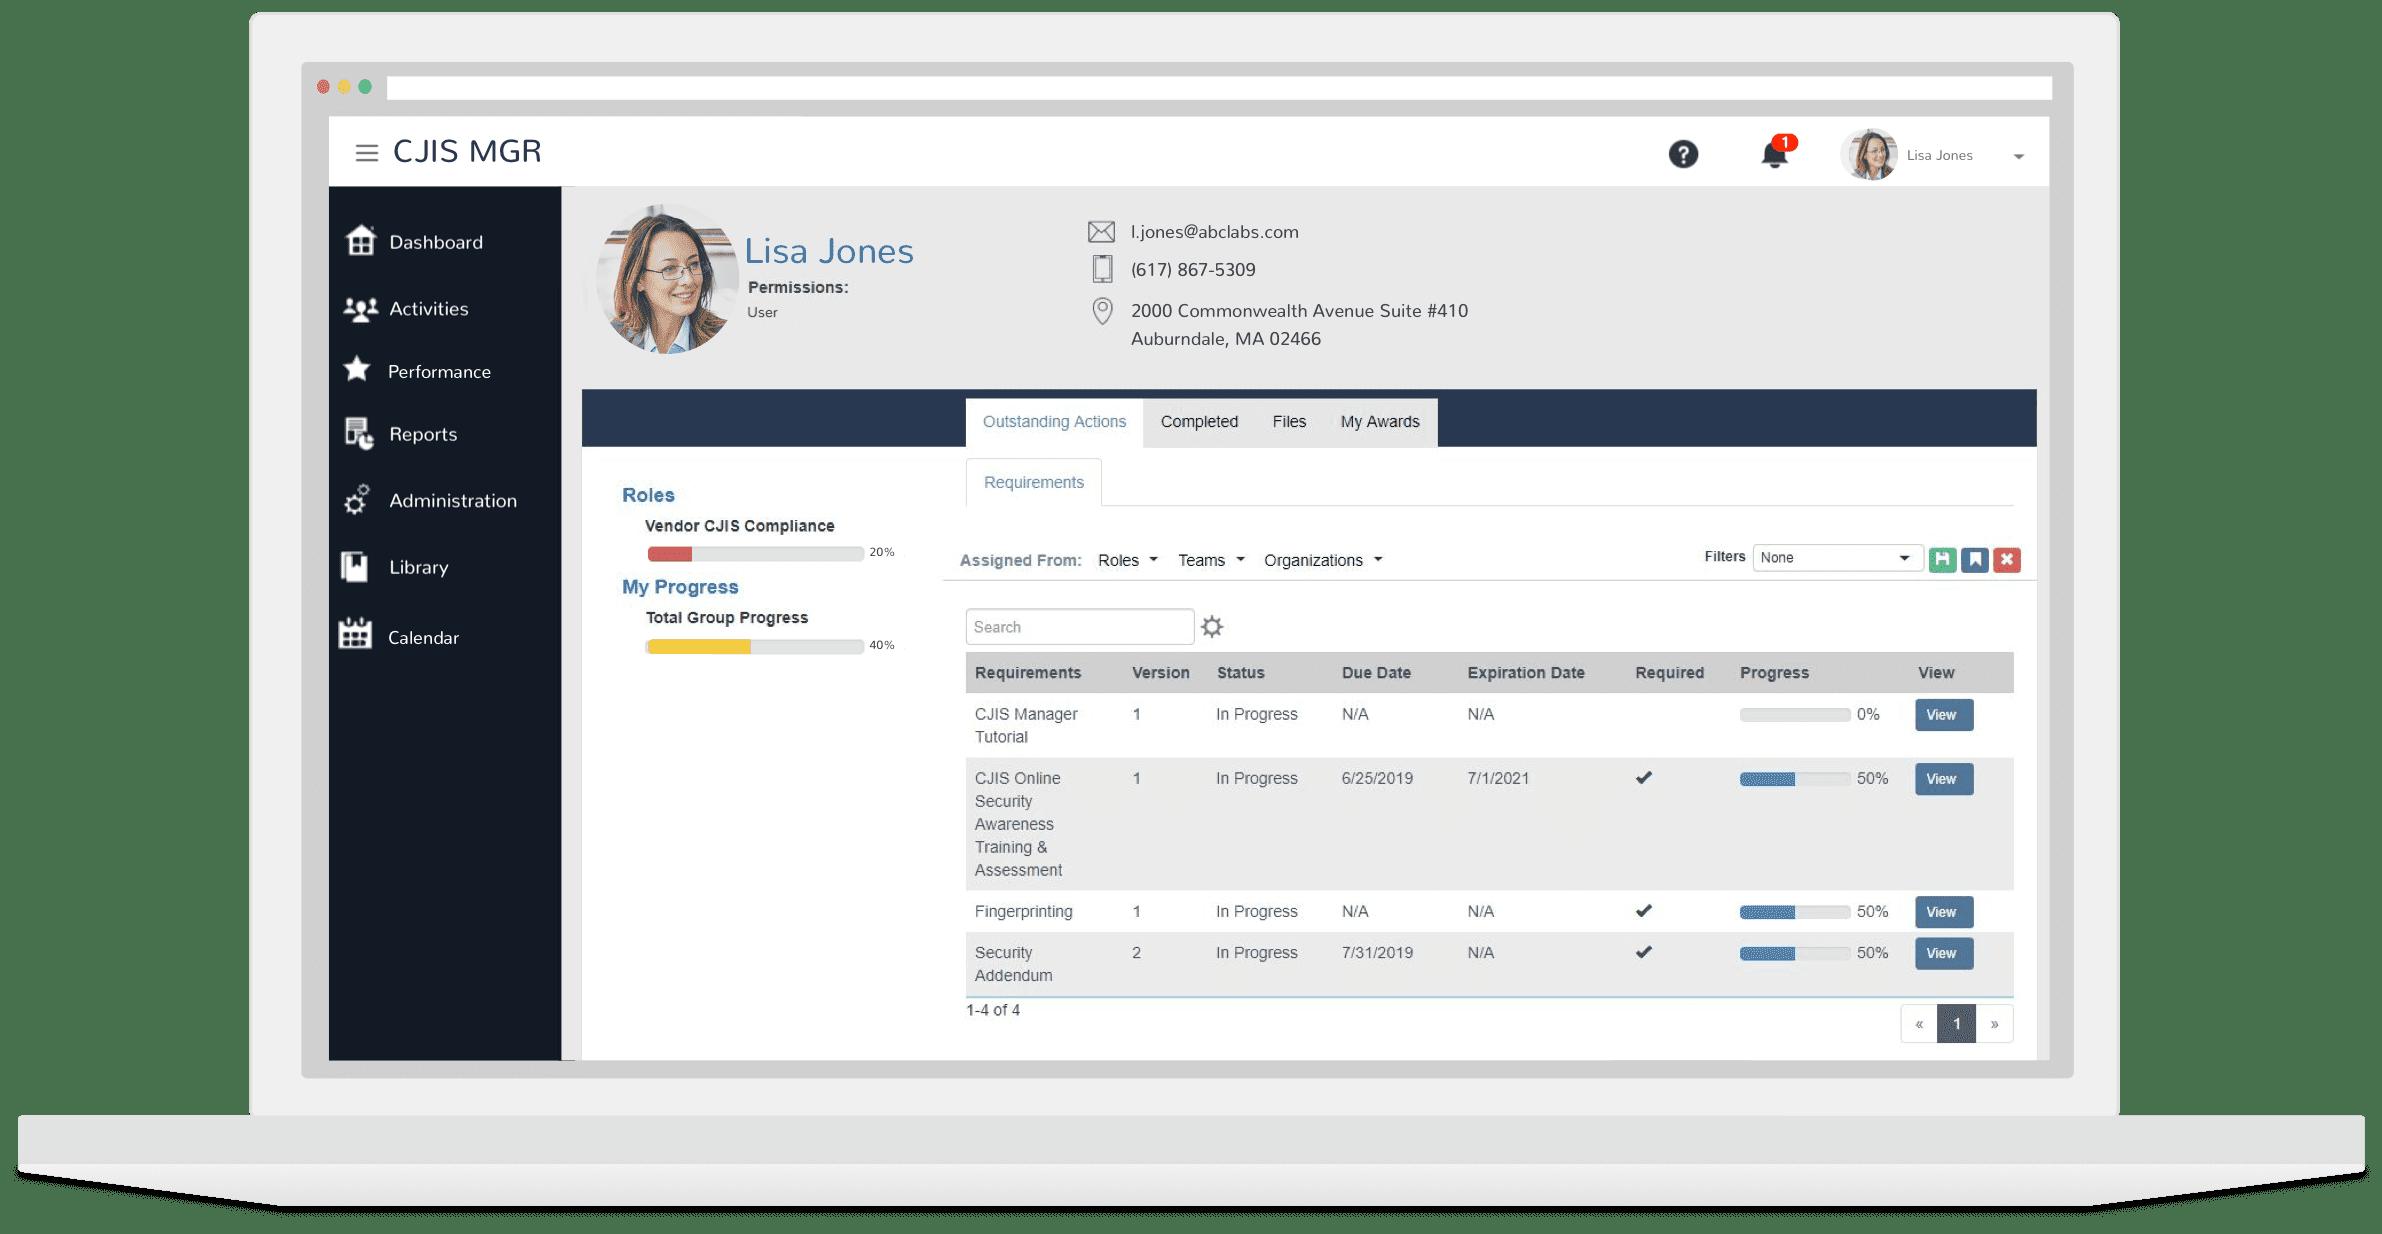 CABEM CJIS Vendor Tracking Software